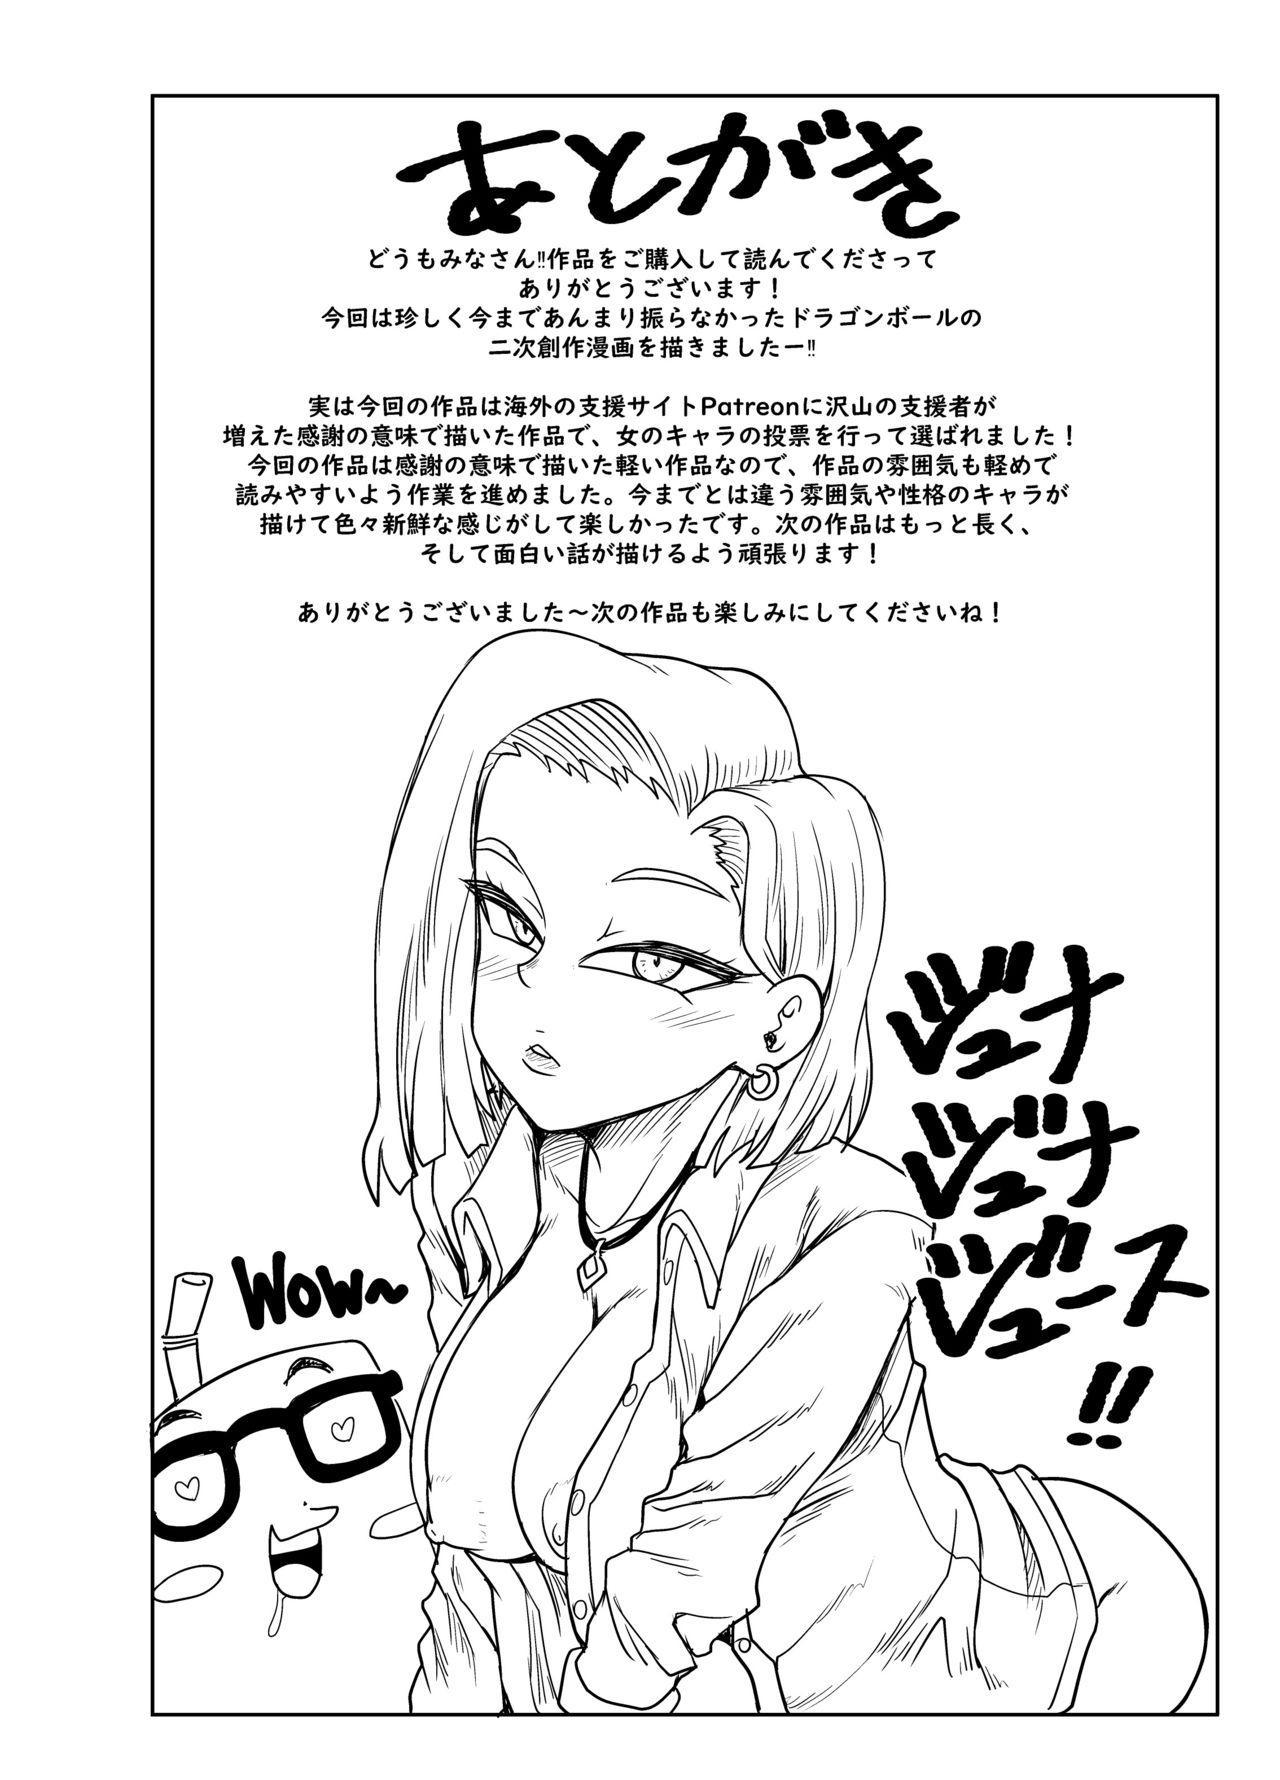 性欲に勝てないオンナ(人造人間)+ フルカラー4ページ漫画(ラフタリア&ツナデ) 34